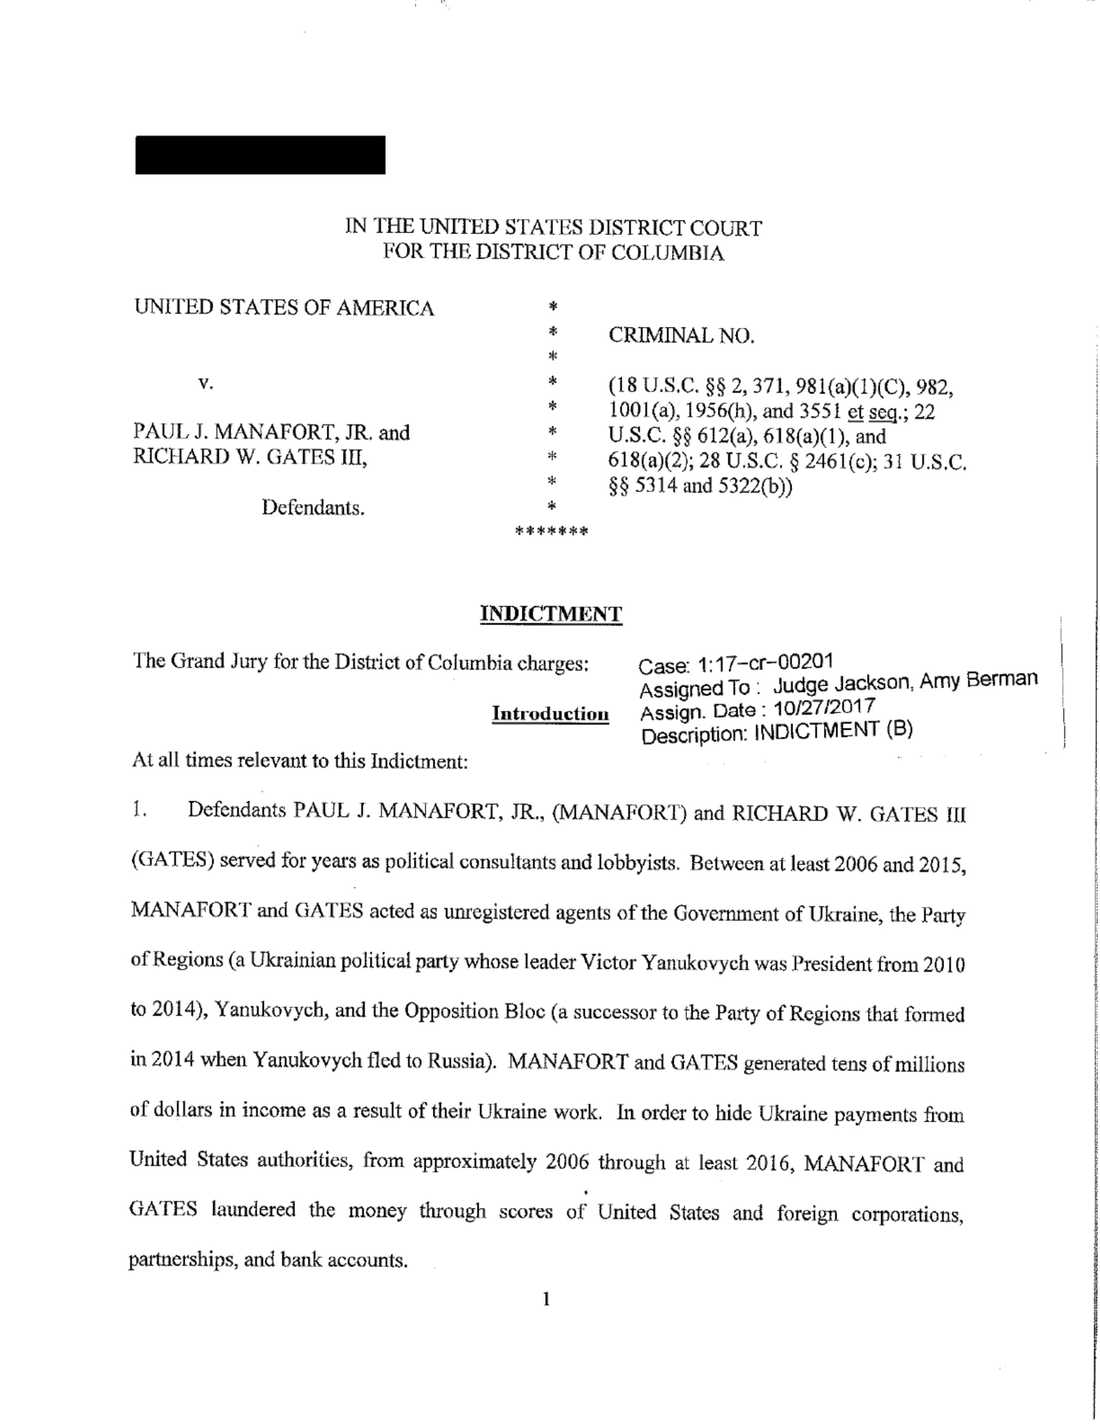 Första sidan (av 18) i åtalet mot Manafort och Gates